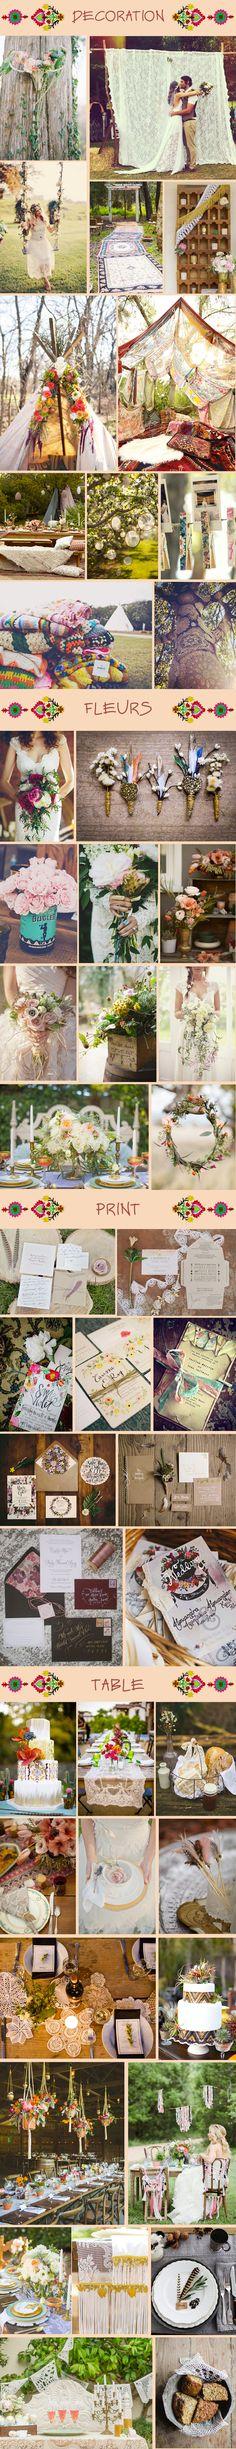 Bohemian party. De la dentelle, des fleurs, ... une décoration bucolique et romantique .